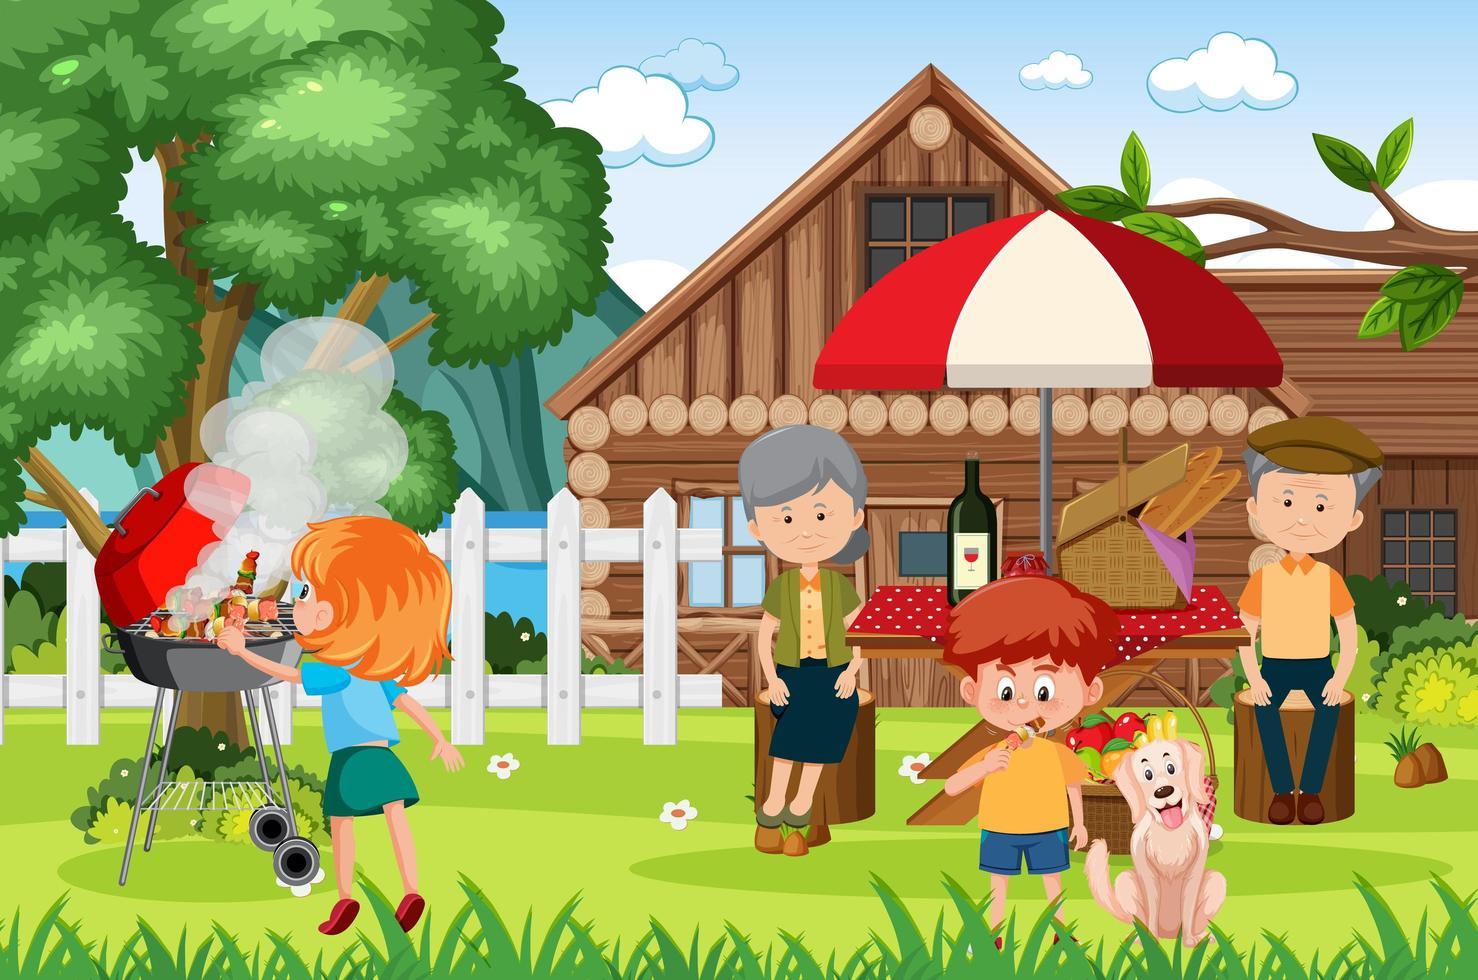 Picknick mit glücklicher Familie im Garten vektor